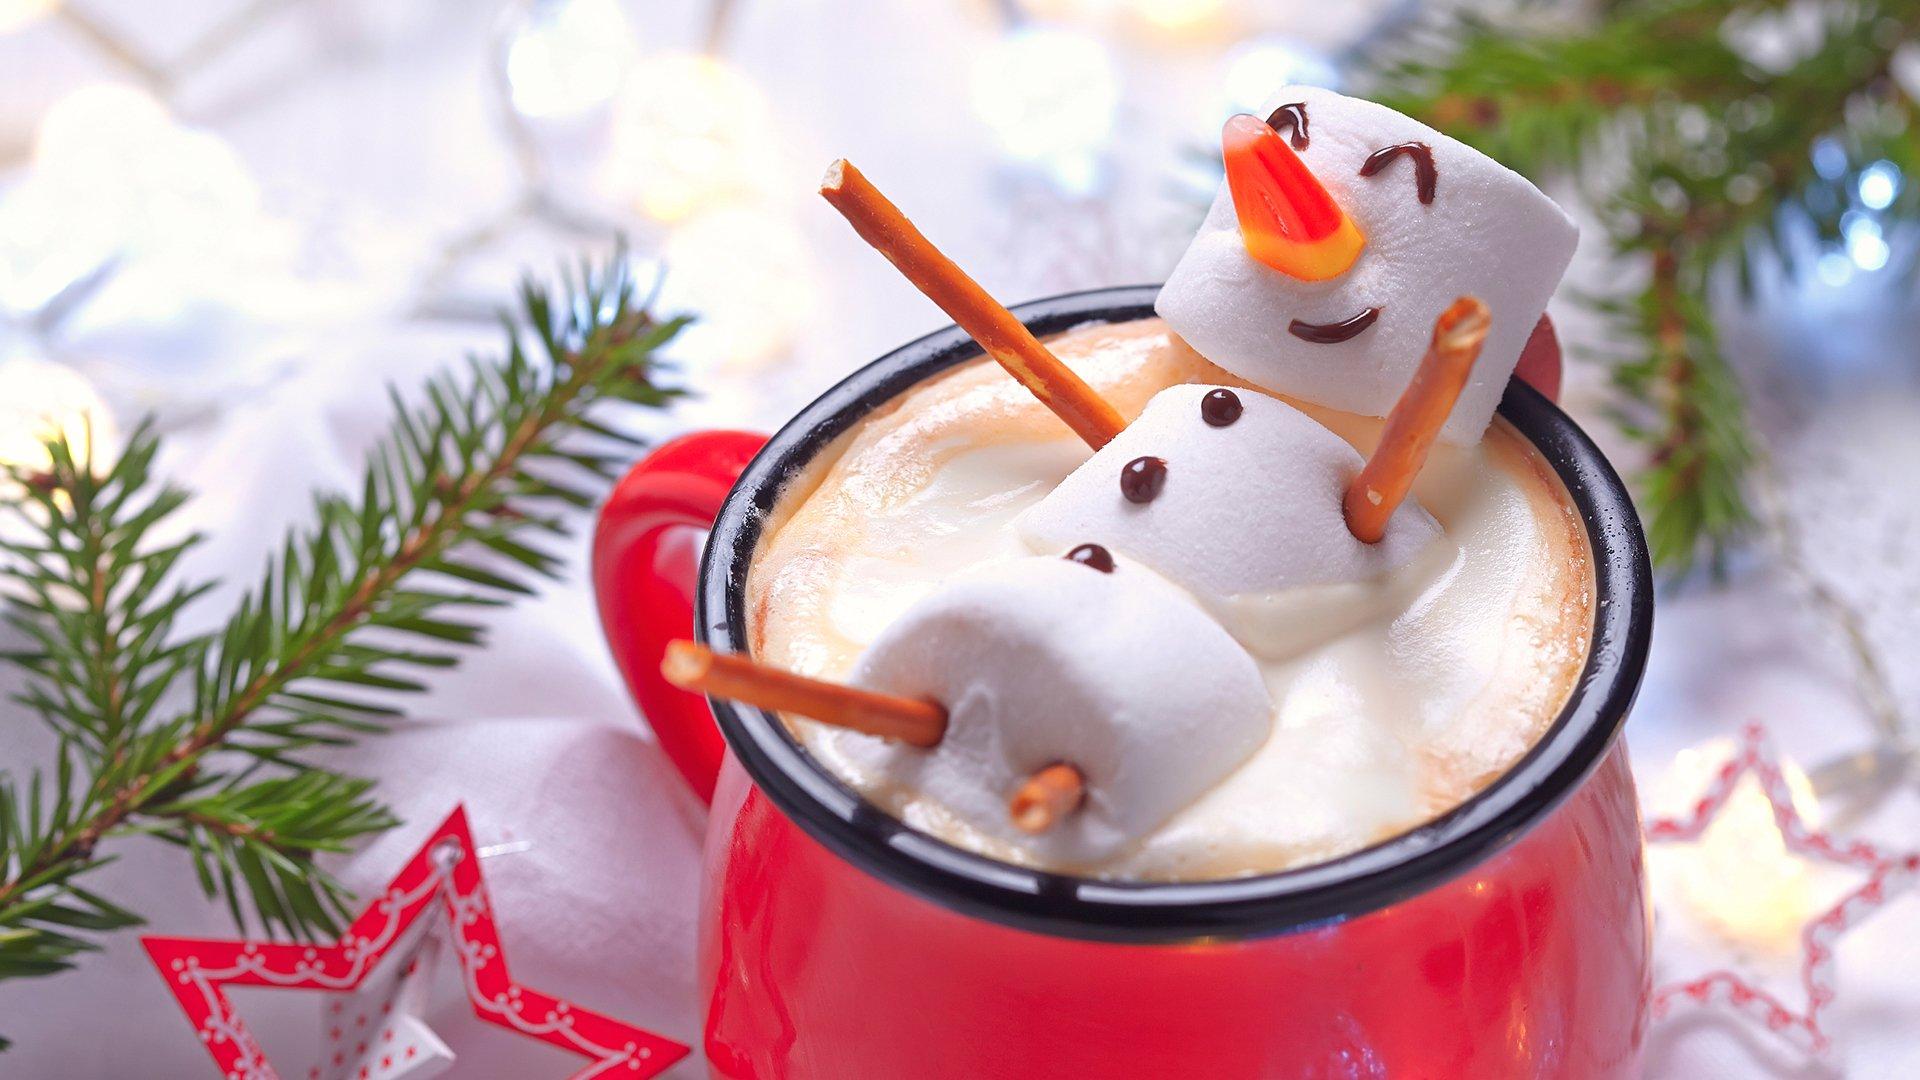 小清新,小清新,温馨一刻,雪人